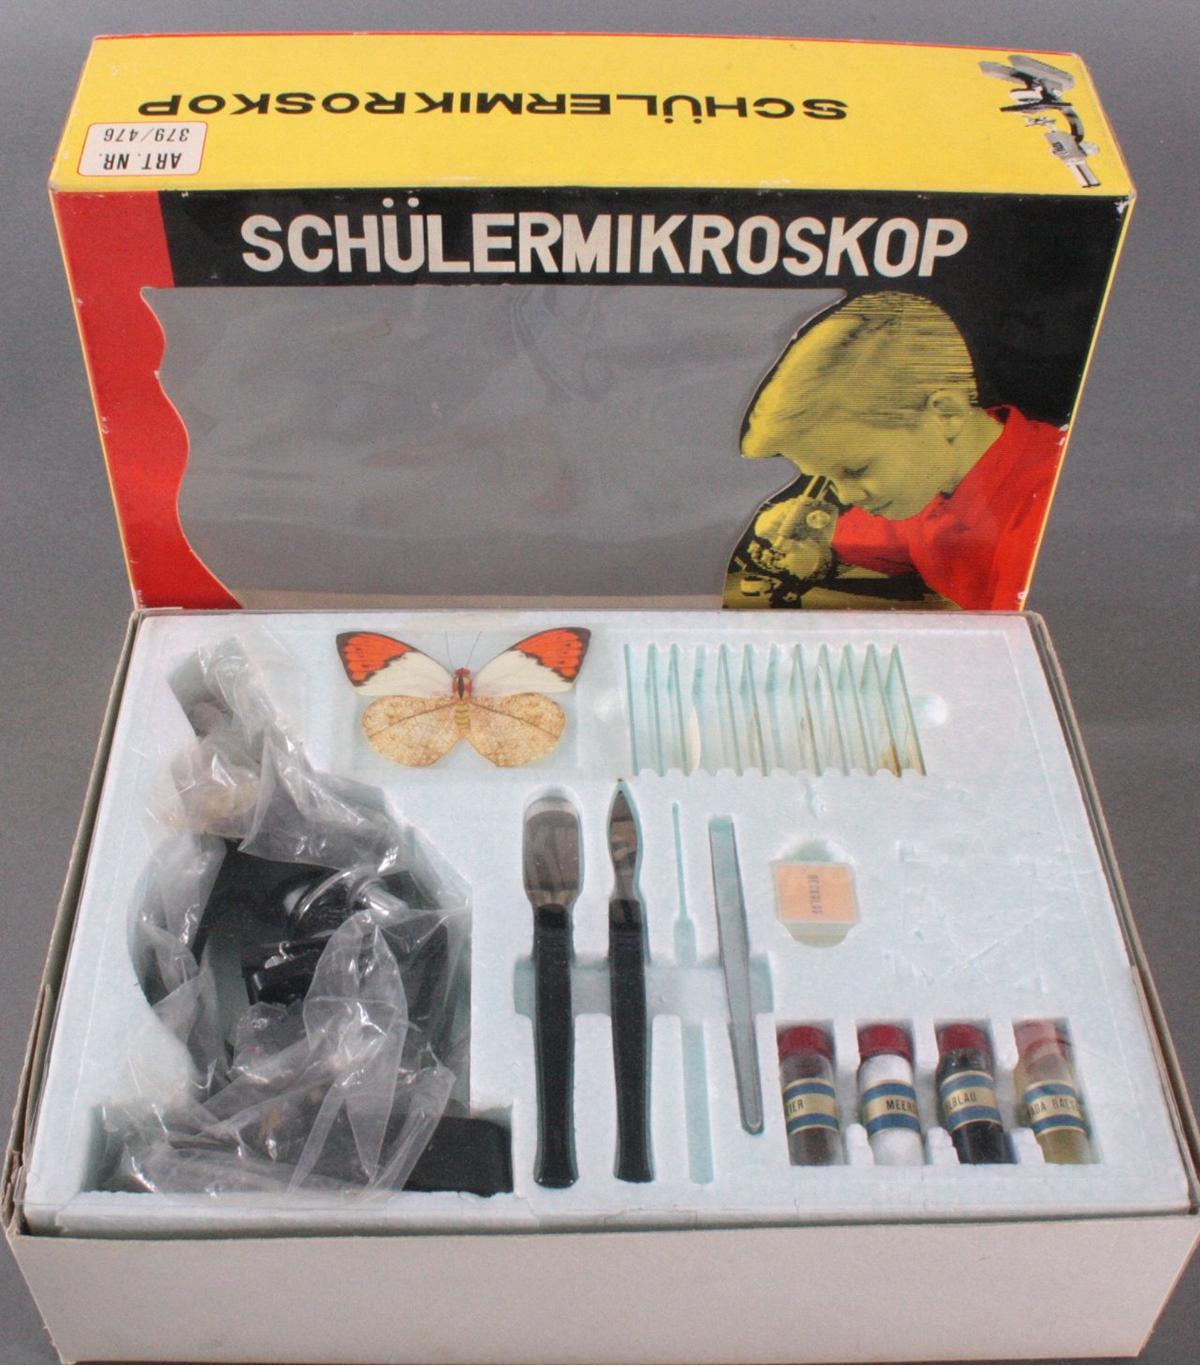 Schülermikroskop Art. Nr. 379/476 aus den 70er Jahren